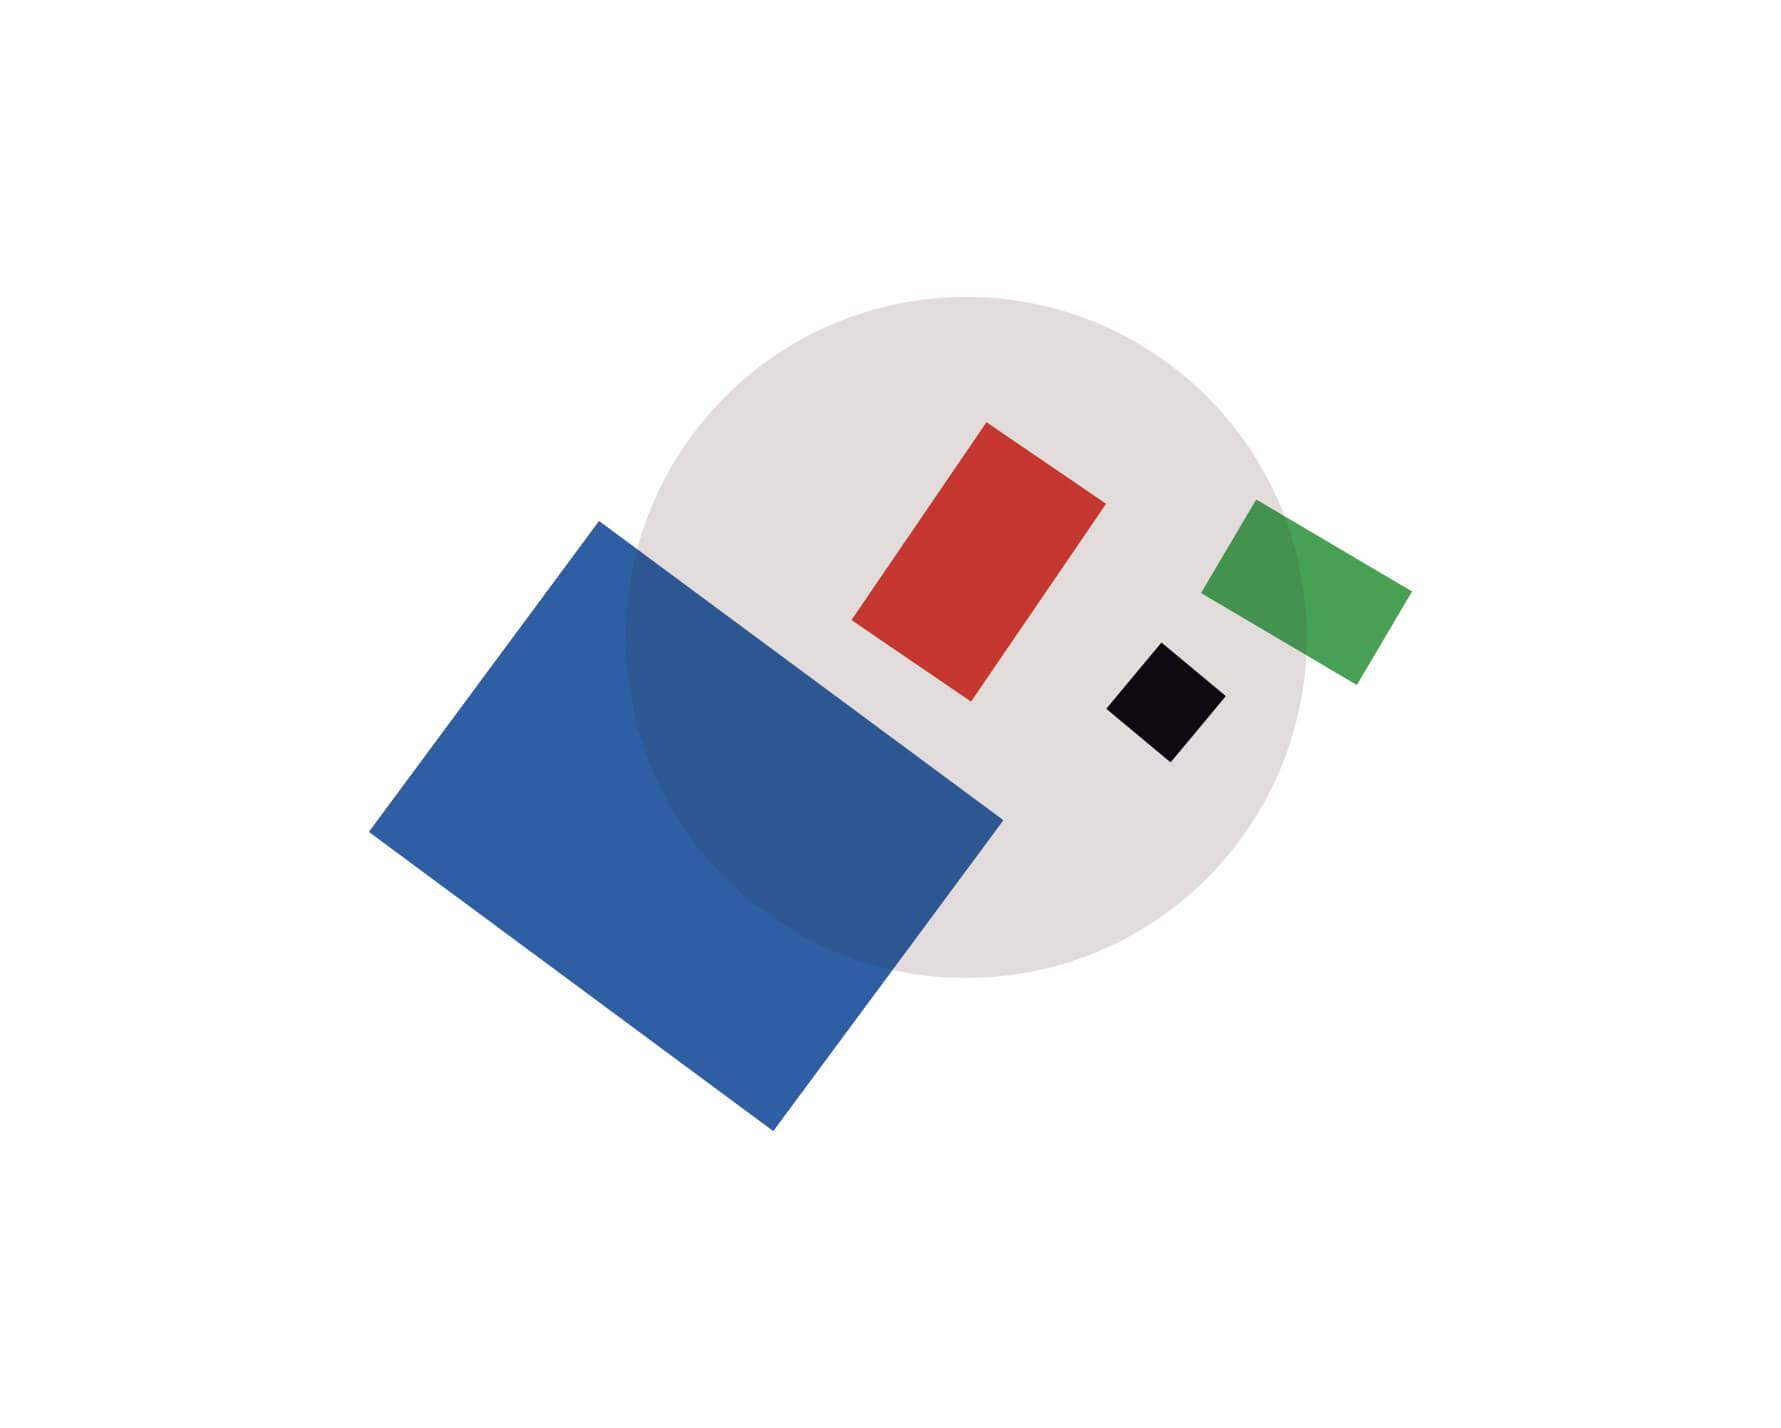 Le sceau, logo dessiné par ichetkar pour le Louvre Abou Dabi.